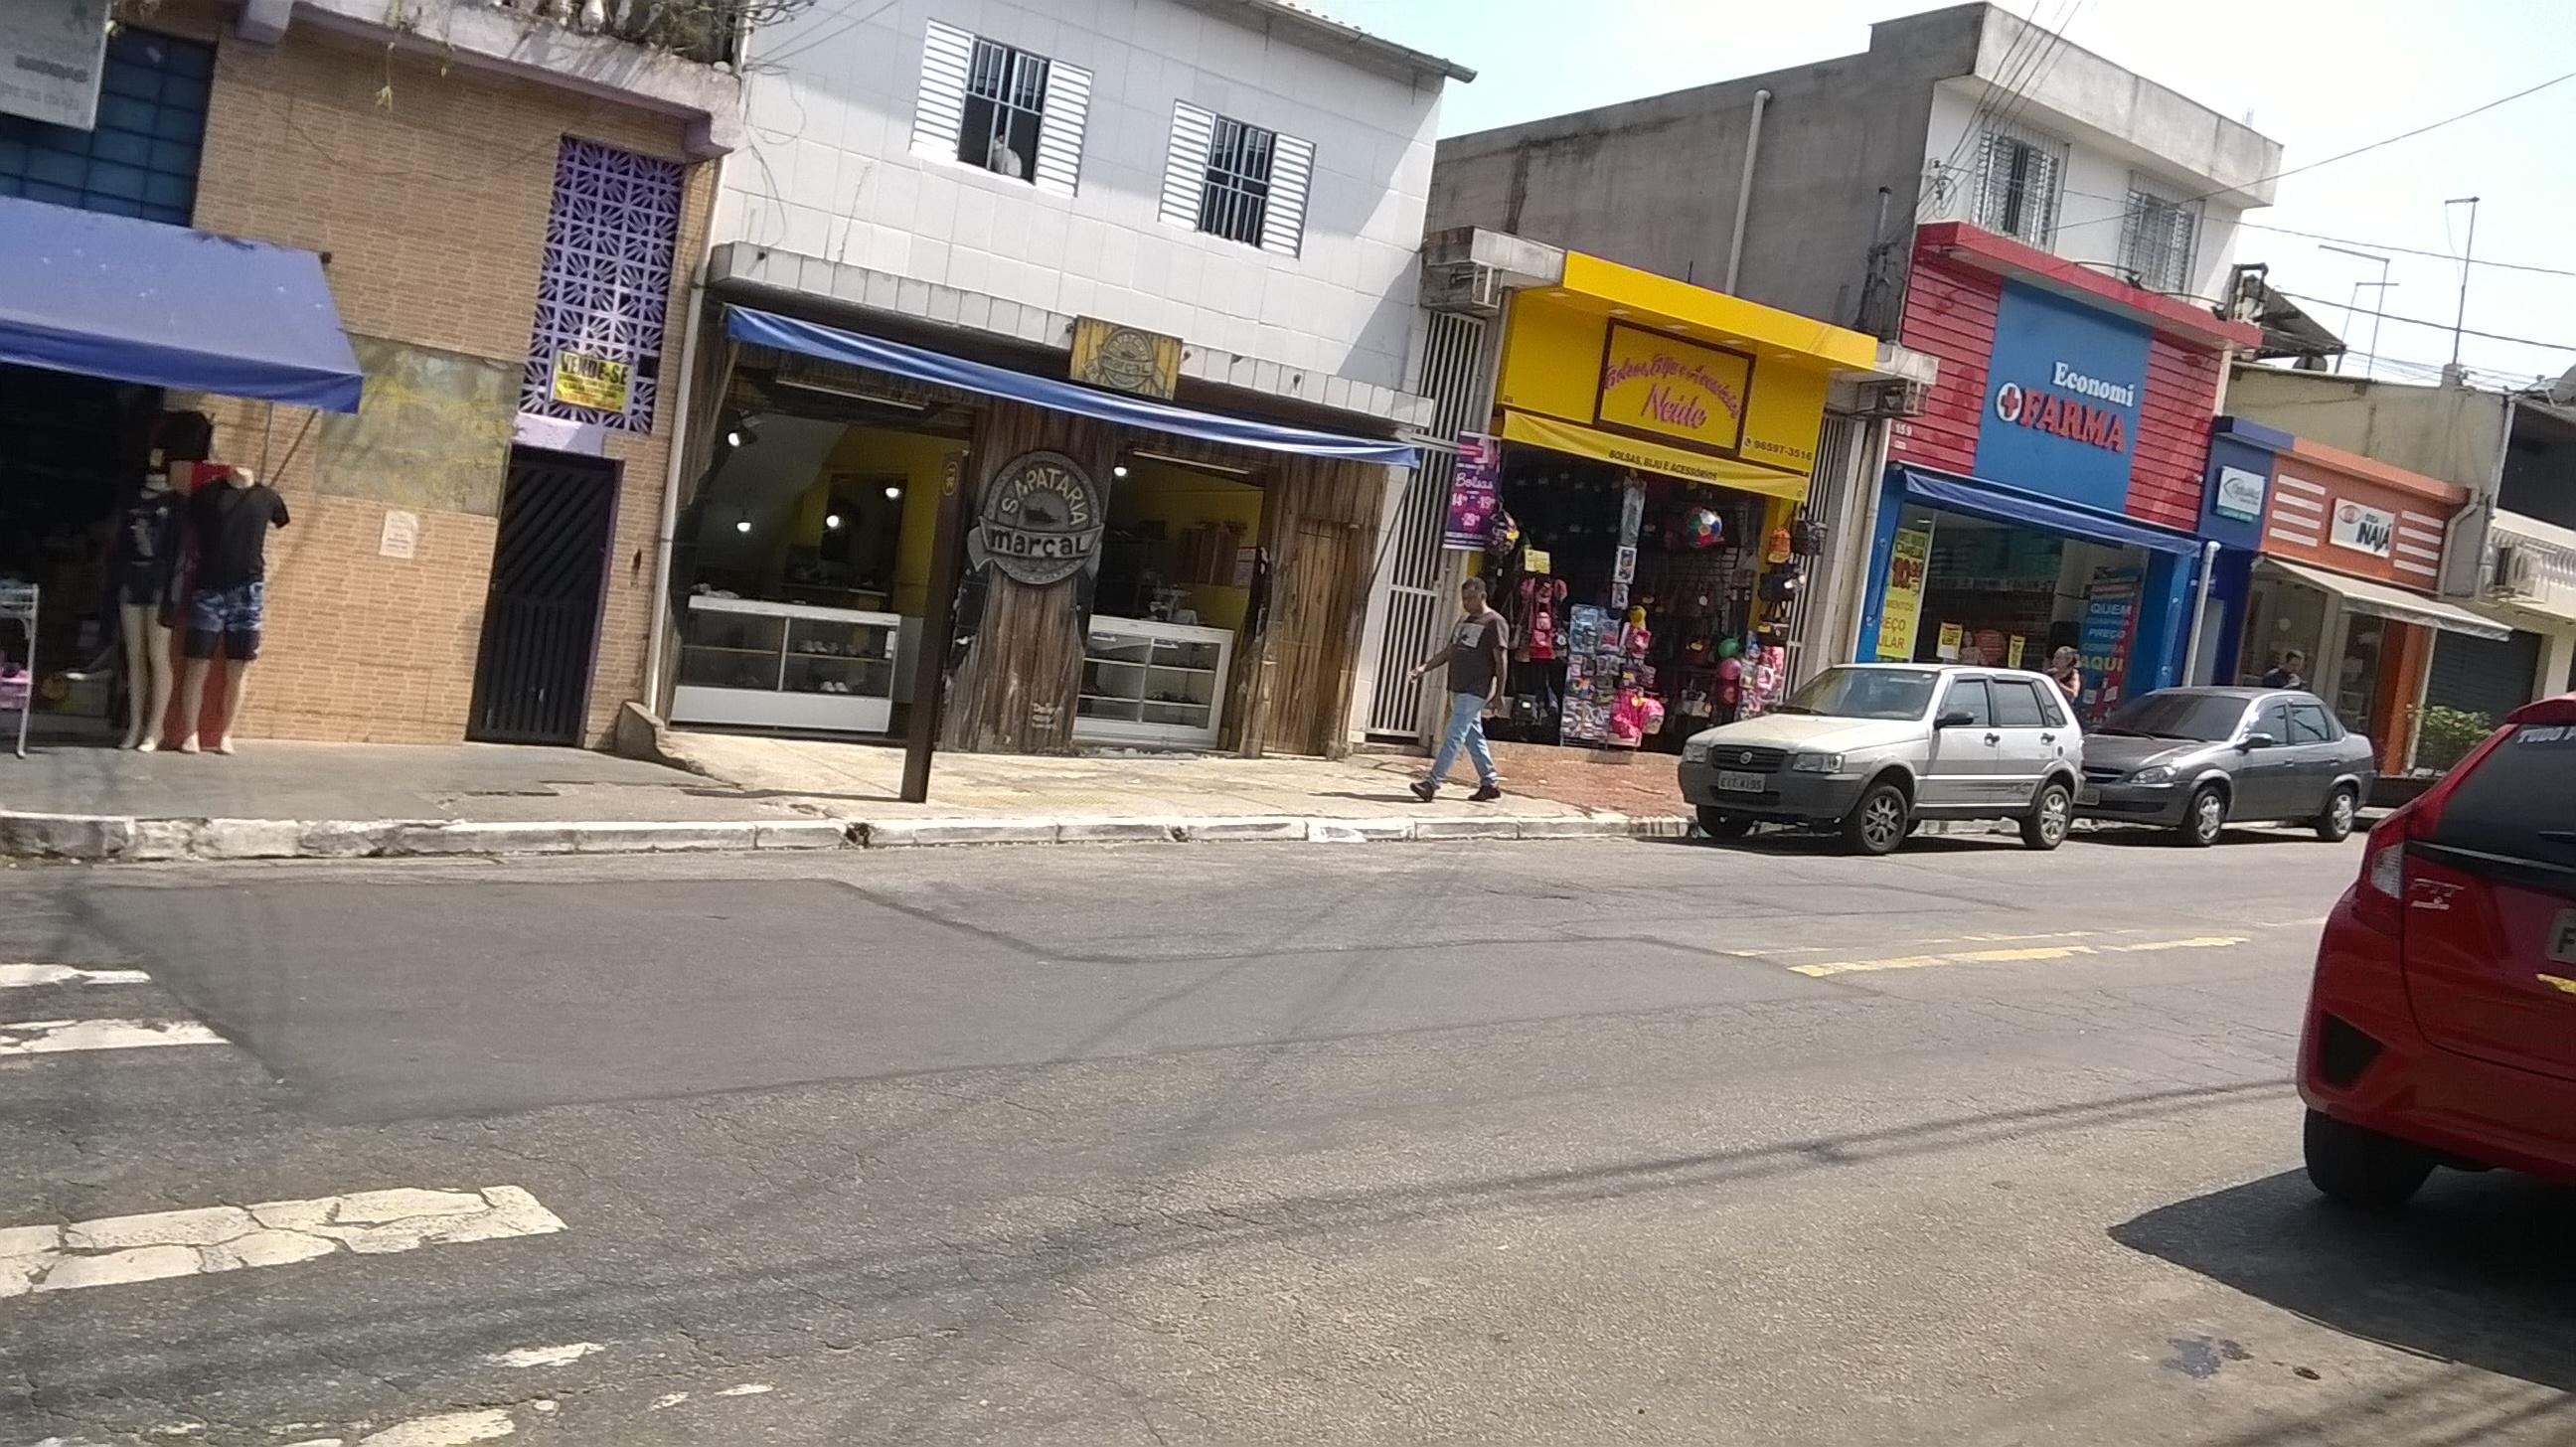 Todos gostam: Lojas na rua da escola